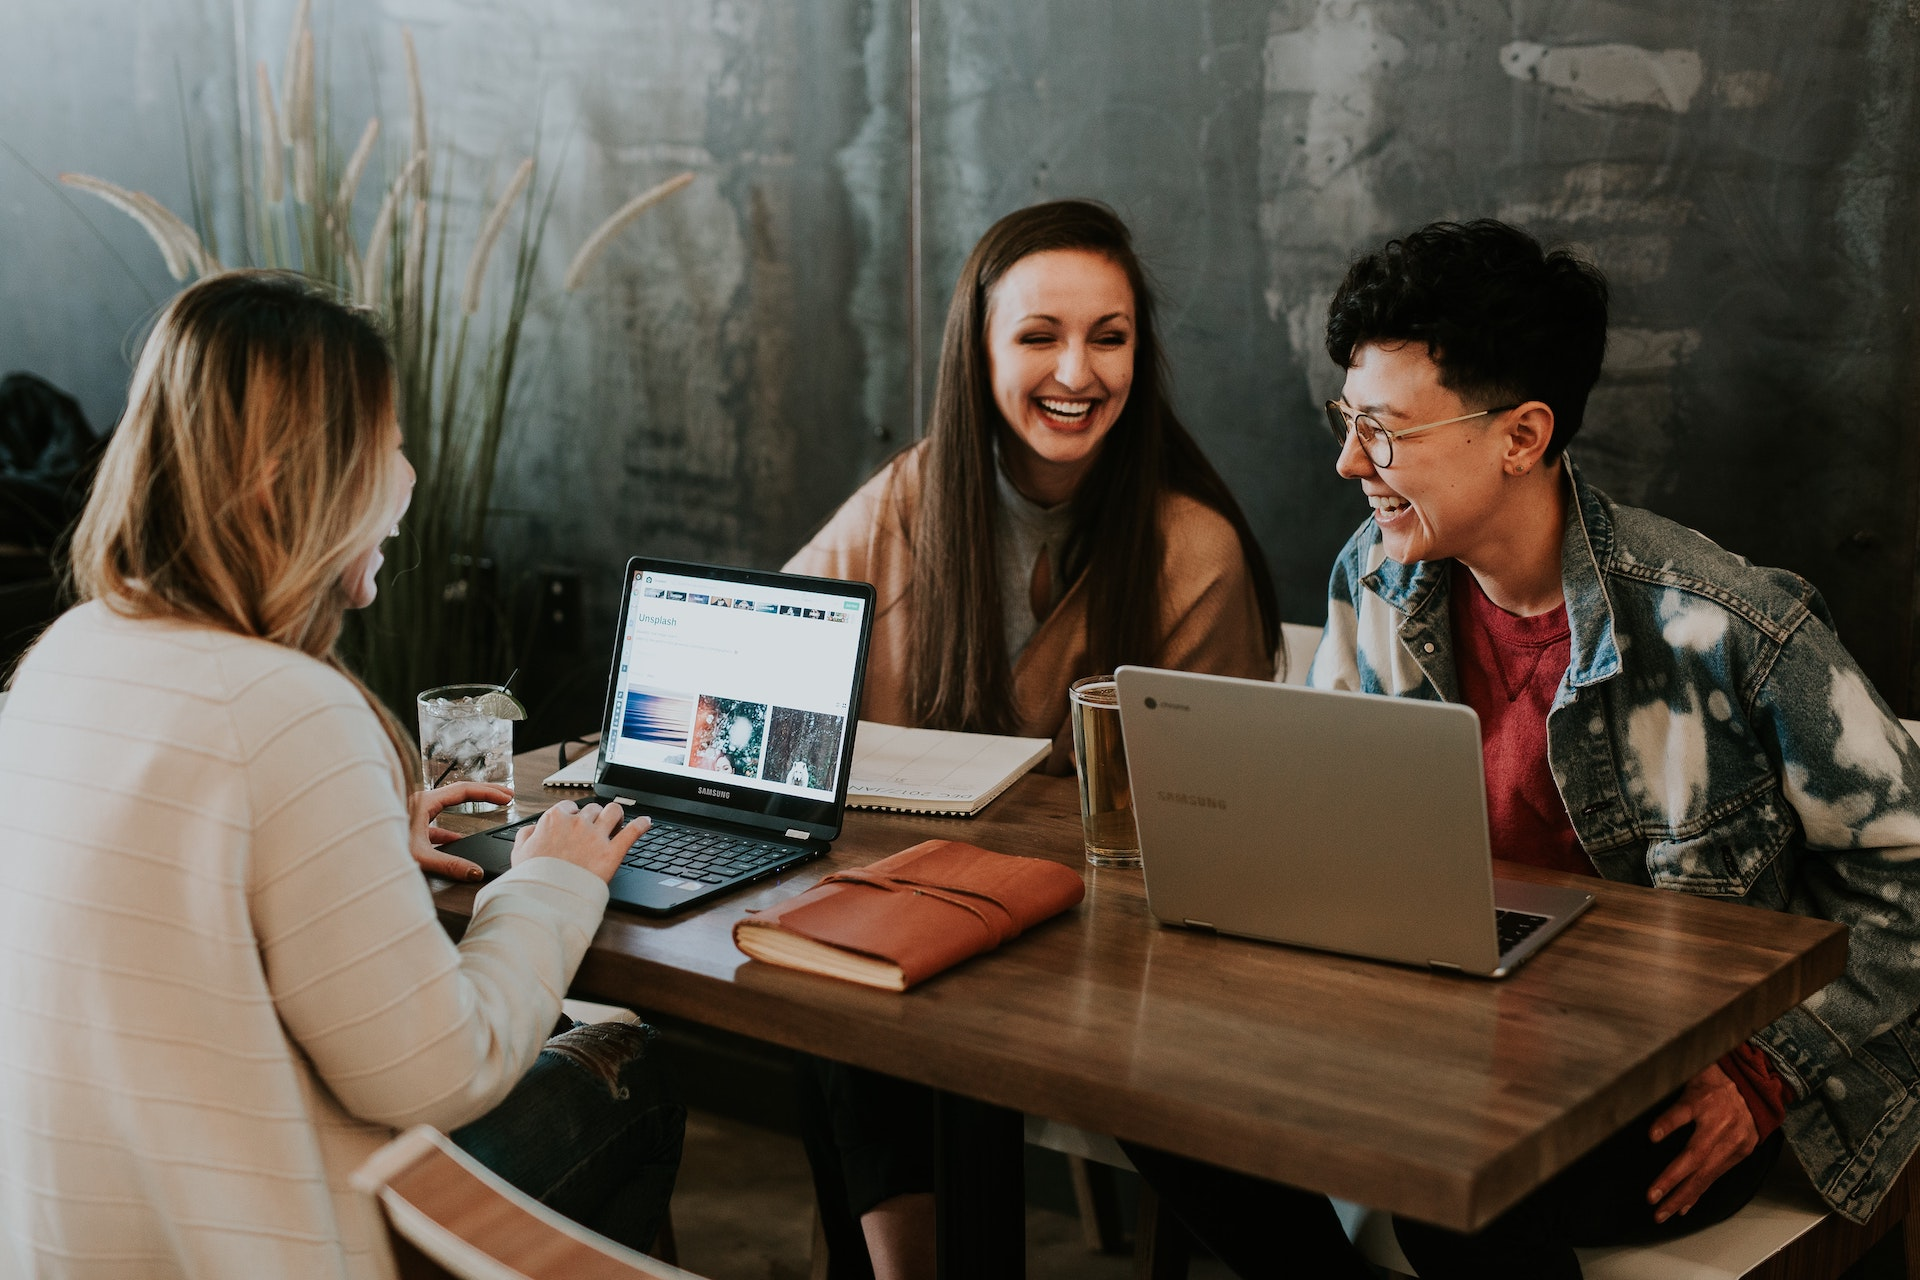 Ważne fakty, o których powinieneś wiedzieć zanim rozpoczniesz współpracę z agencją reklamową - część 3: Specjalizacja agencji.